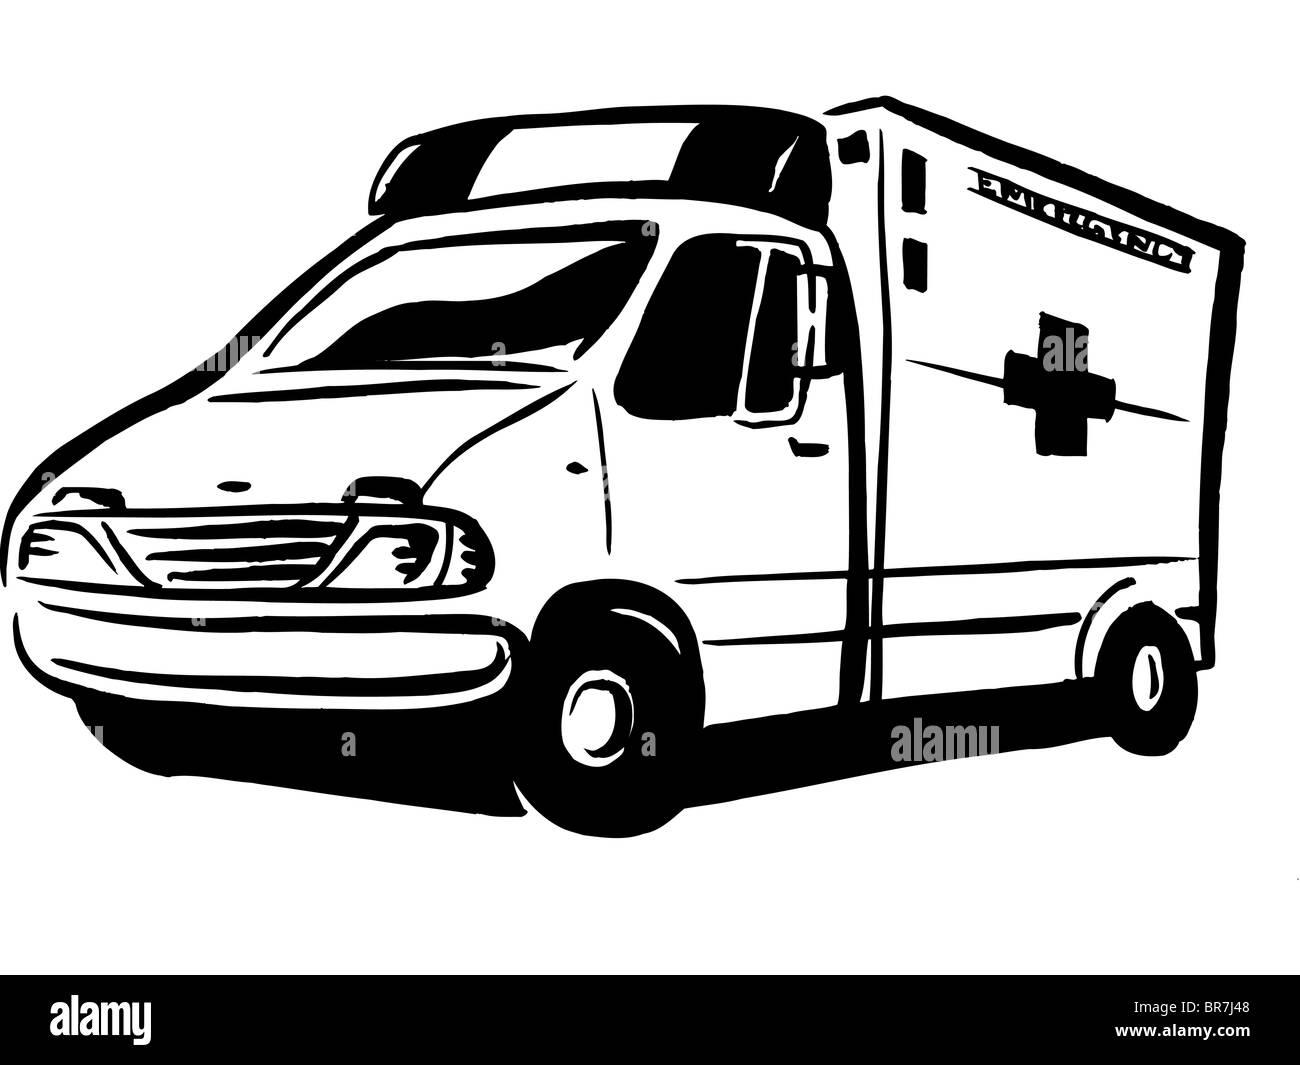 Dessin En Noir Et Blanc D Une Ambulance Photo Stock Alamy